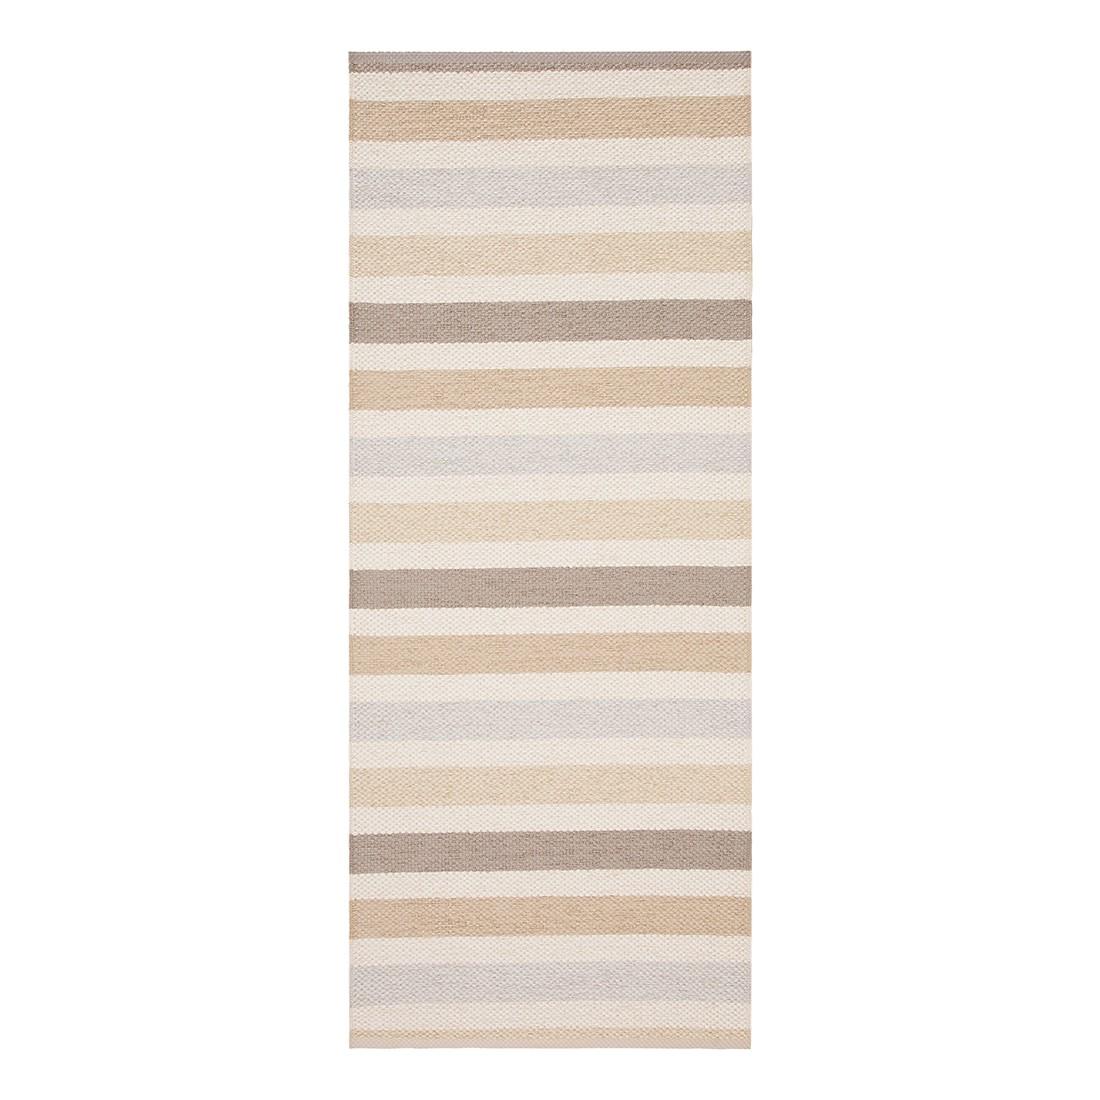 In-/Outdoorteppich Baia I – Kunstfaser VanilleGelb/Beige – 60 x 180 cm, Swedy jetzt kaufen